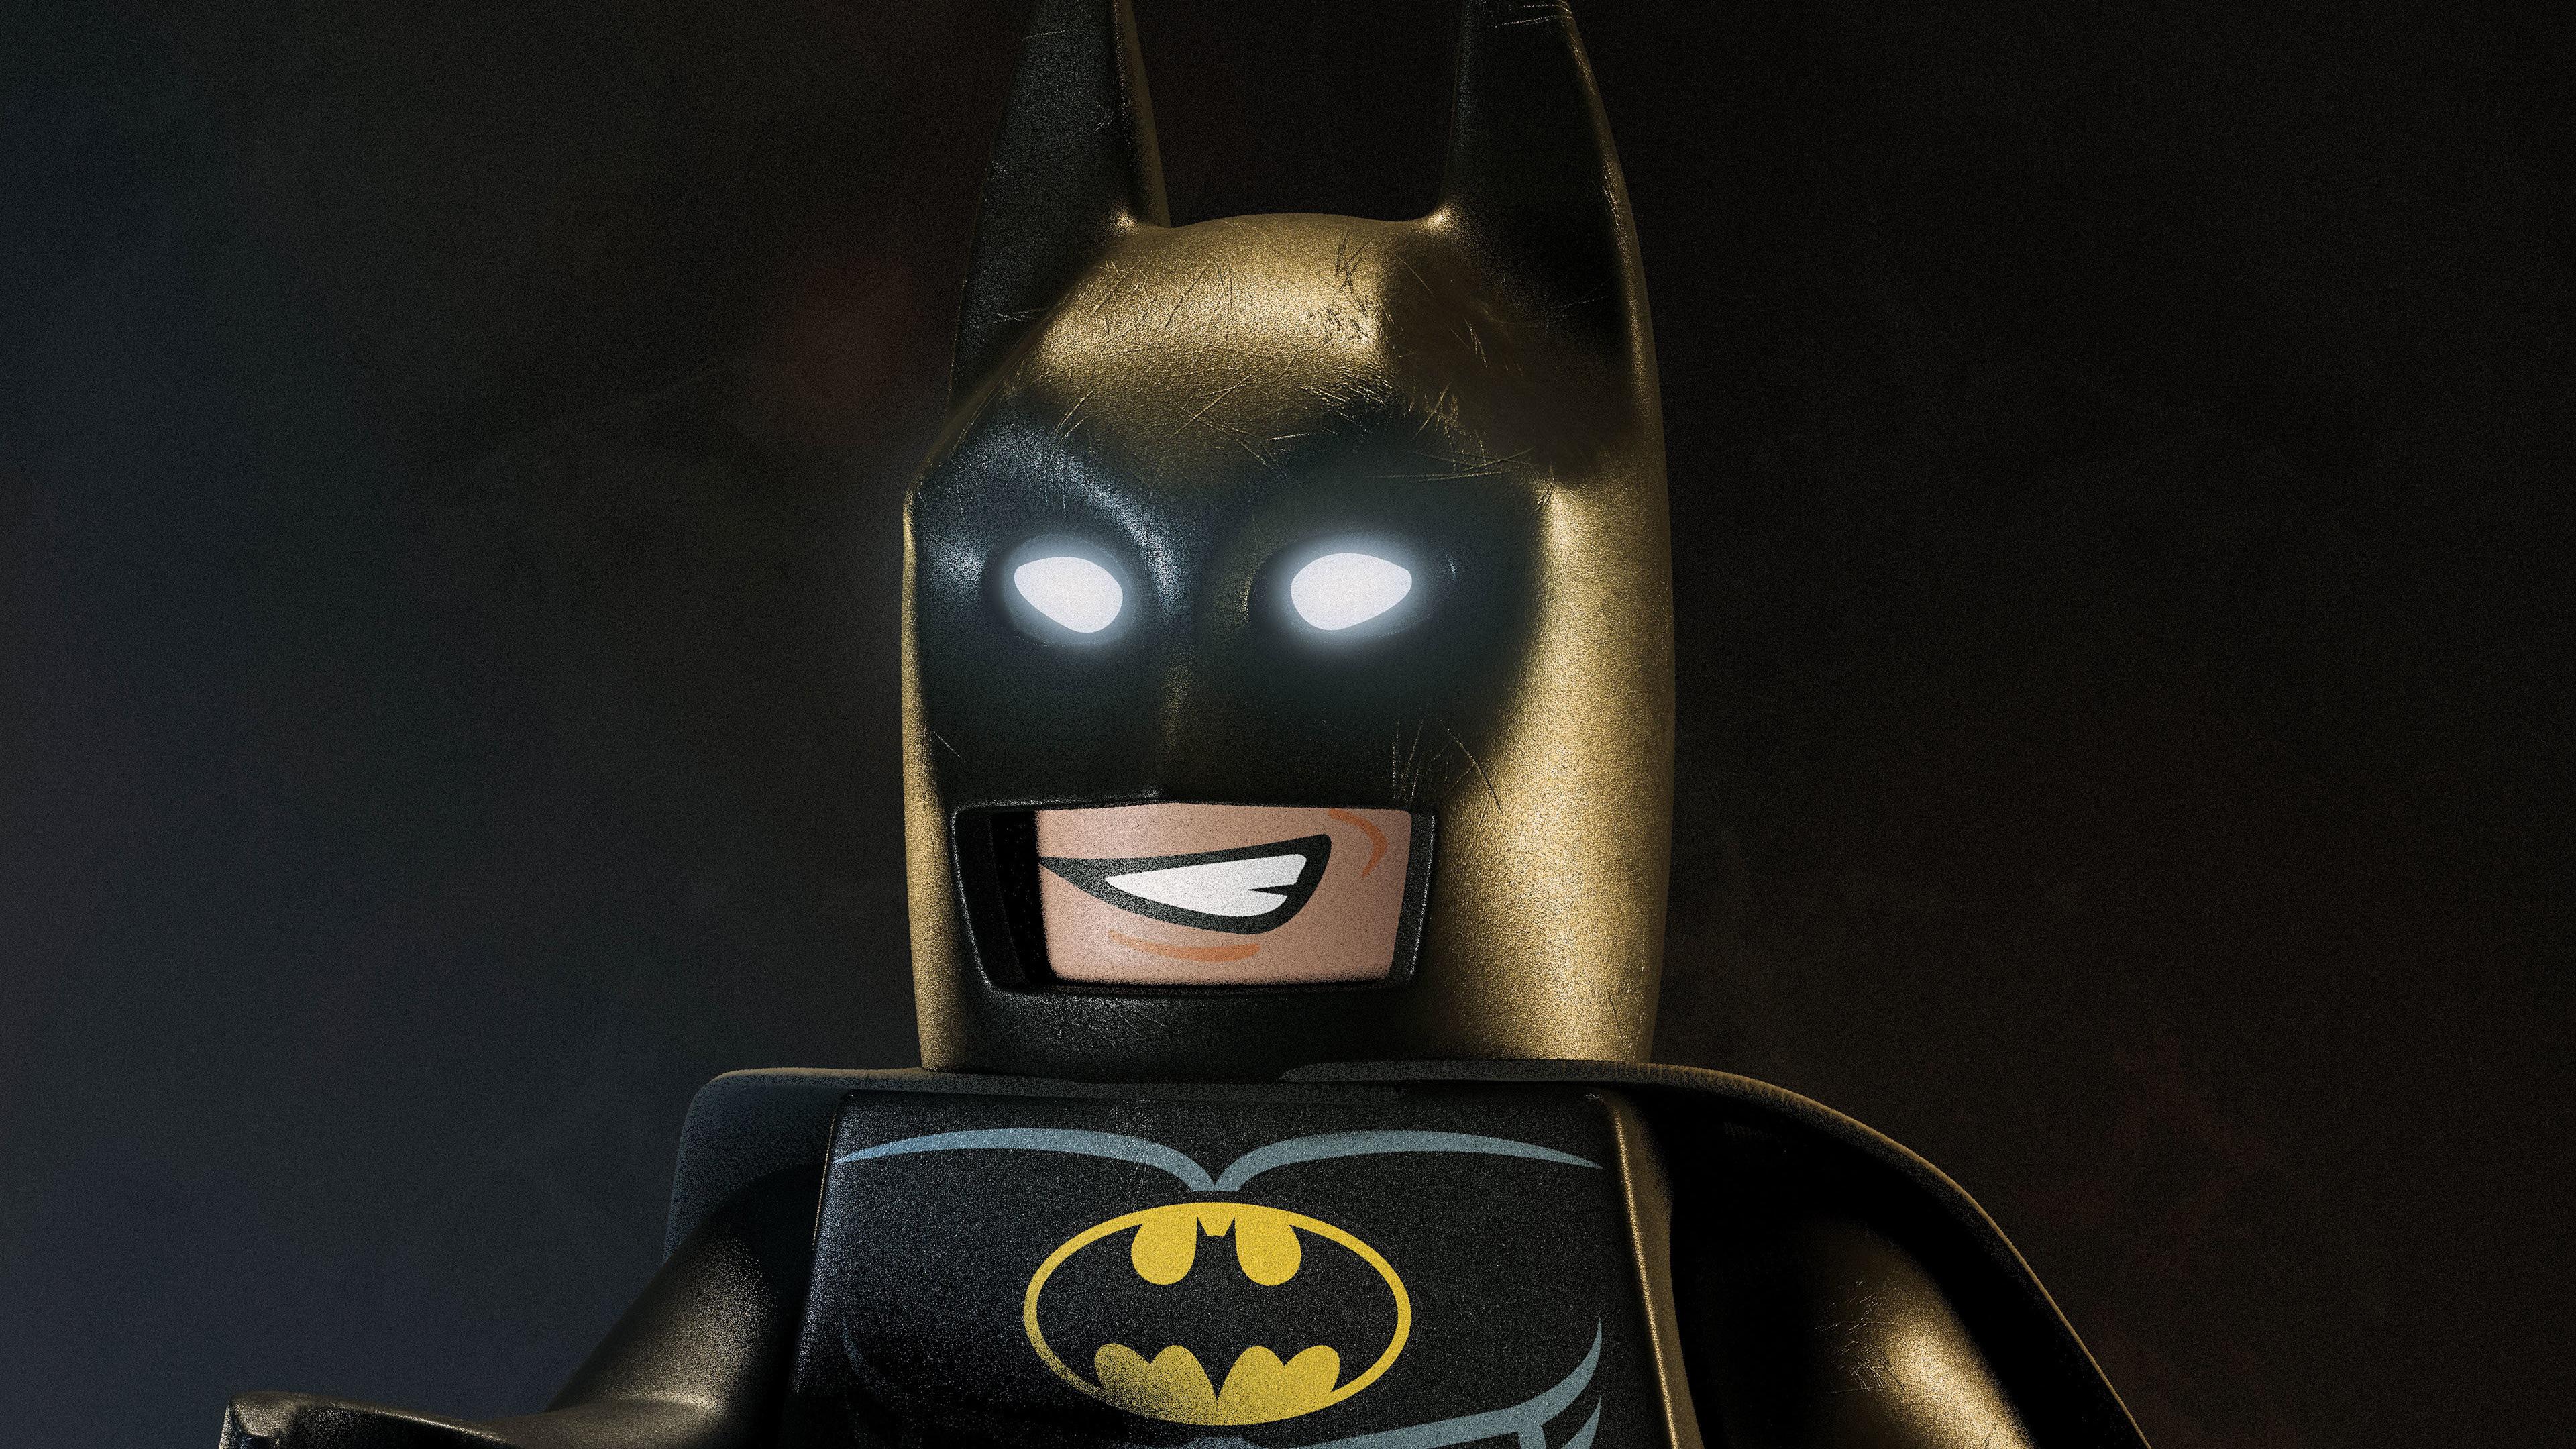 2048x2048 Lego Batman 4k Ipad Air Hd 4k Wallpapers Images